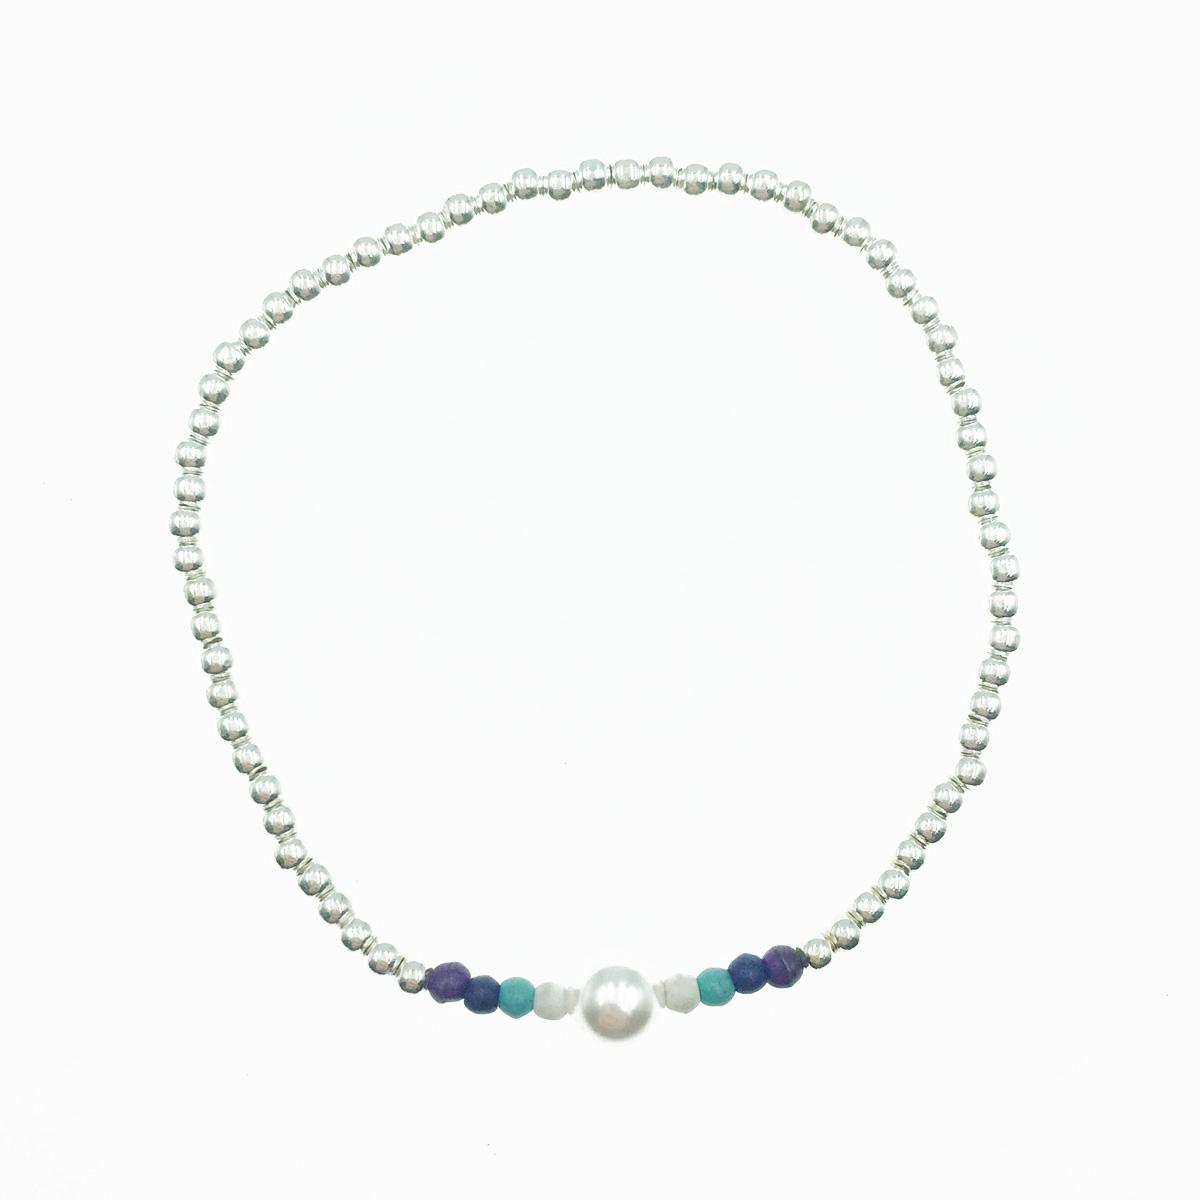 韓國 925純銀 珍珠 串珠 彈性 手飾 手鍊